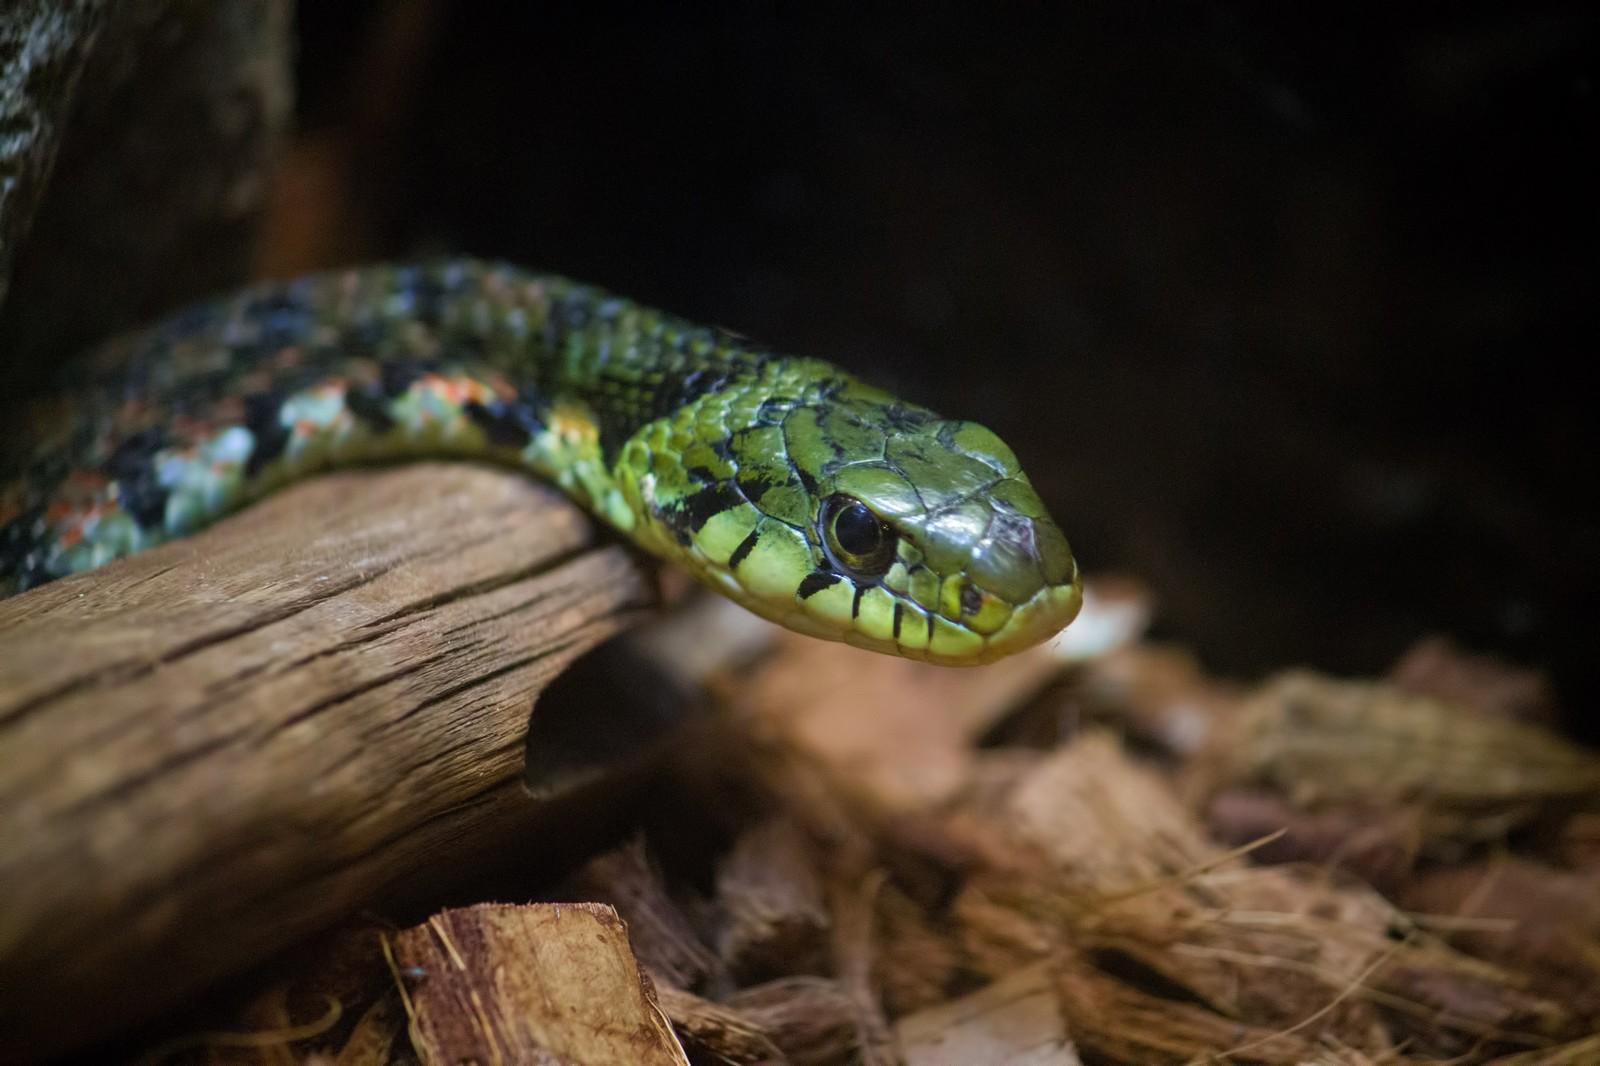 ジャパンスネークセンターはヘビ好きが喜ぶ穴場スポット!口コミ・アクセス方法は?